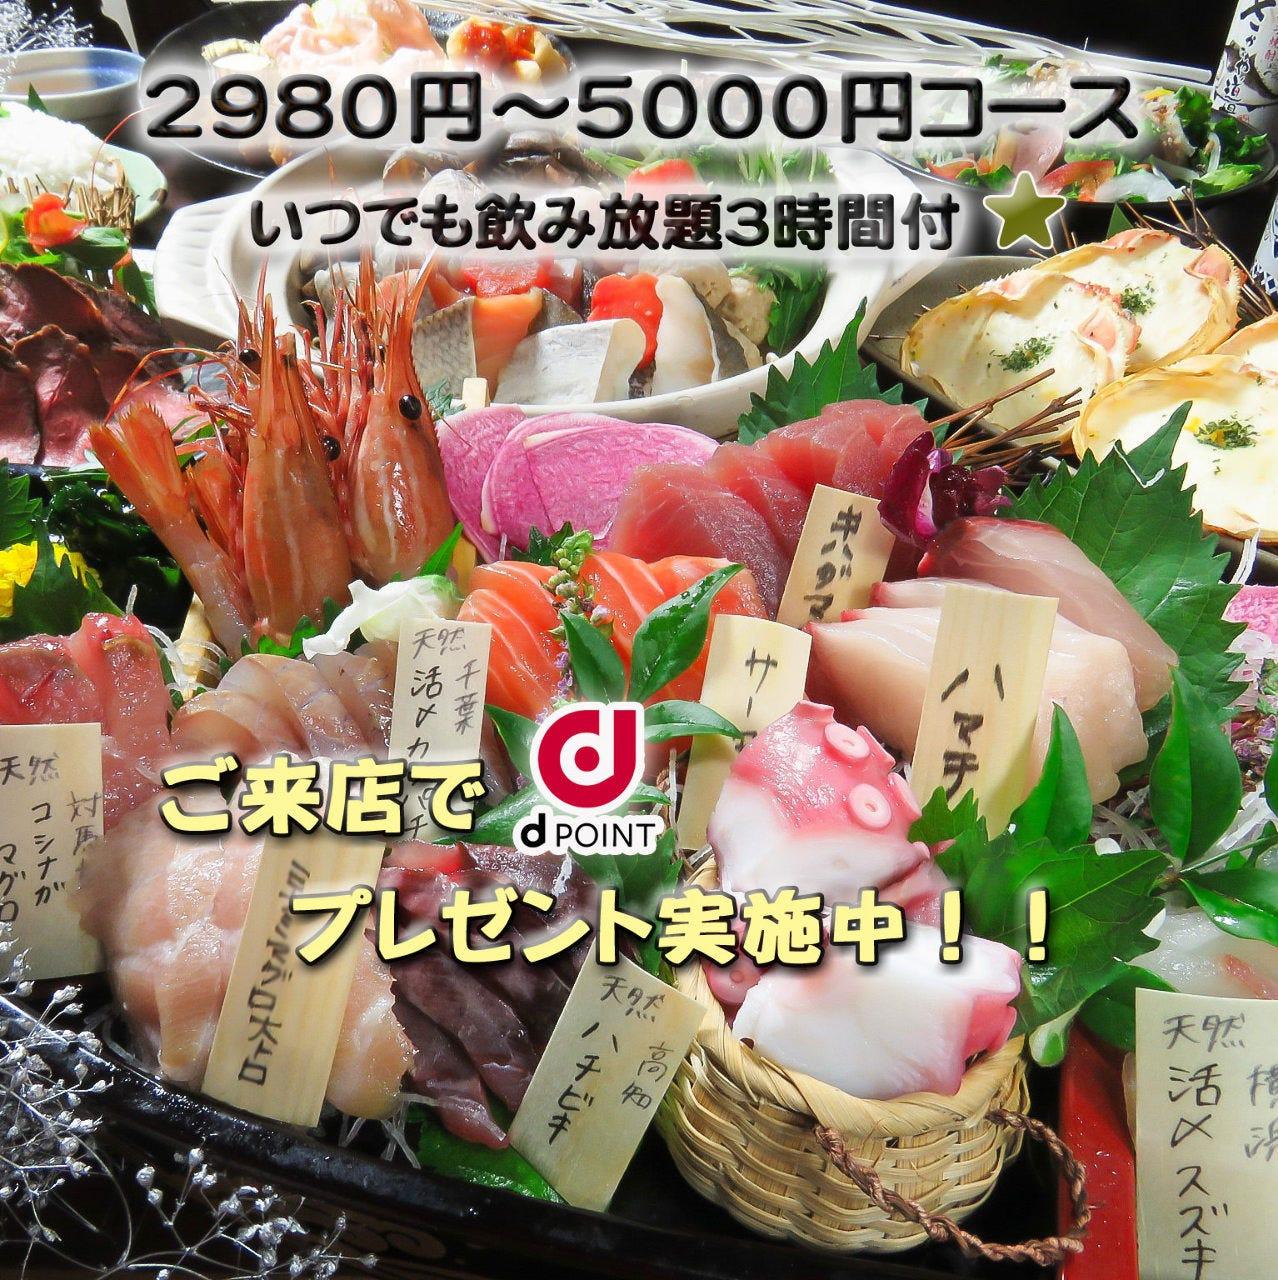 ご宴会はお任せください♪ 2,980円~5,000円 飲み放題3時間